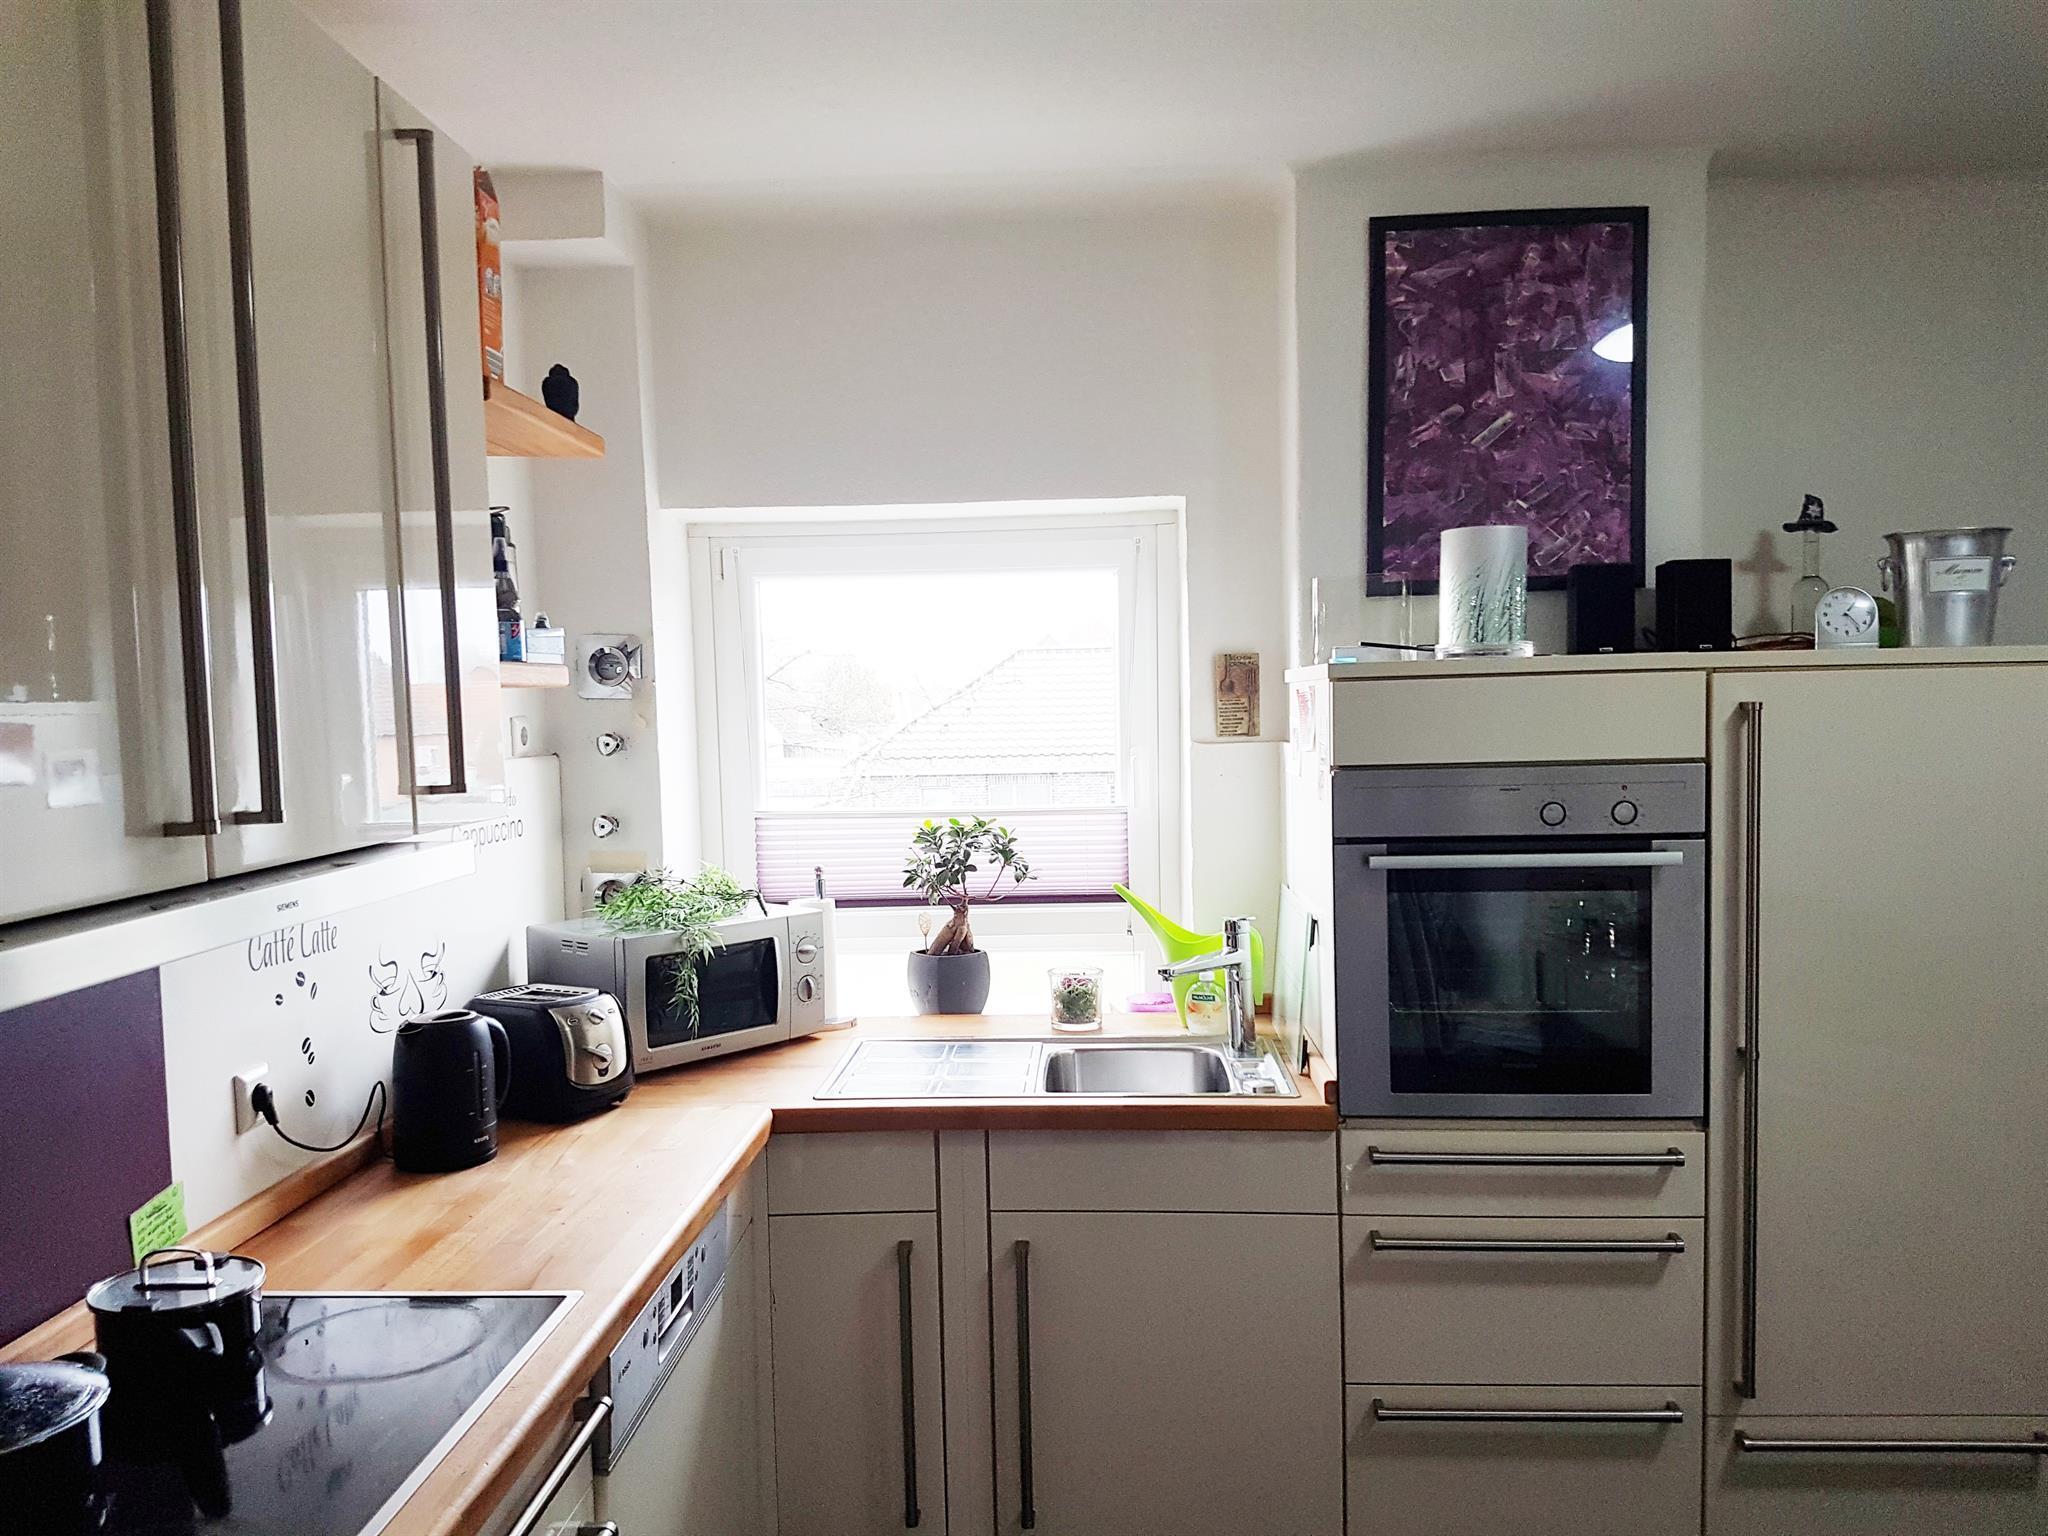 Küche mit allein Einbaugeräten